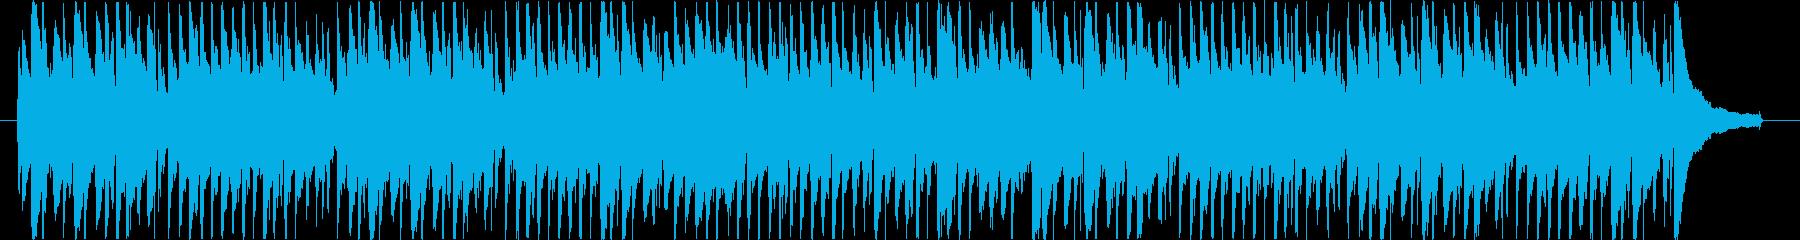 アコギとリコーダーの明るいほのぼのポップの再生済みの波形